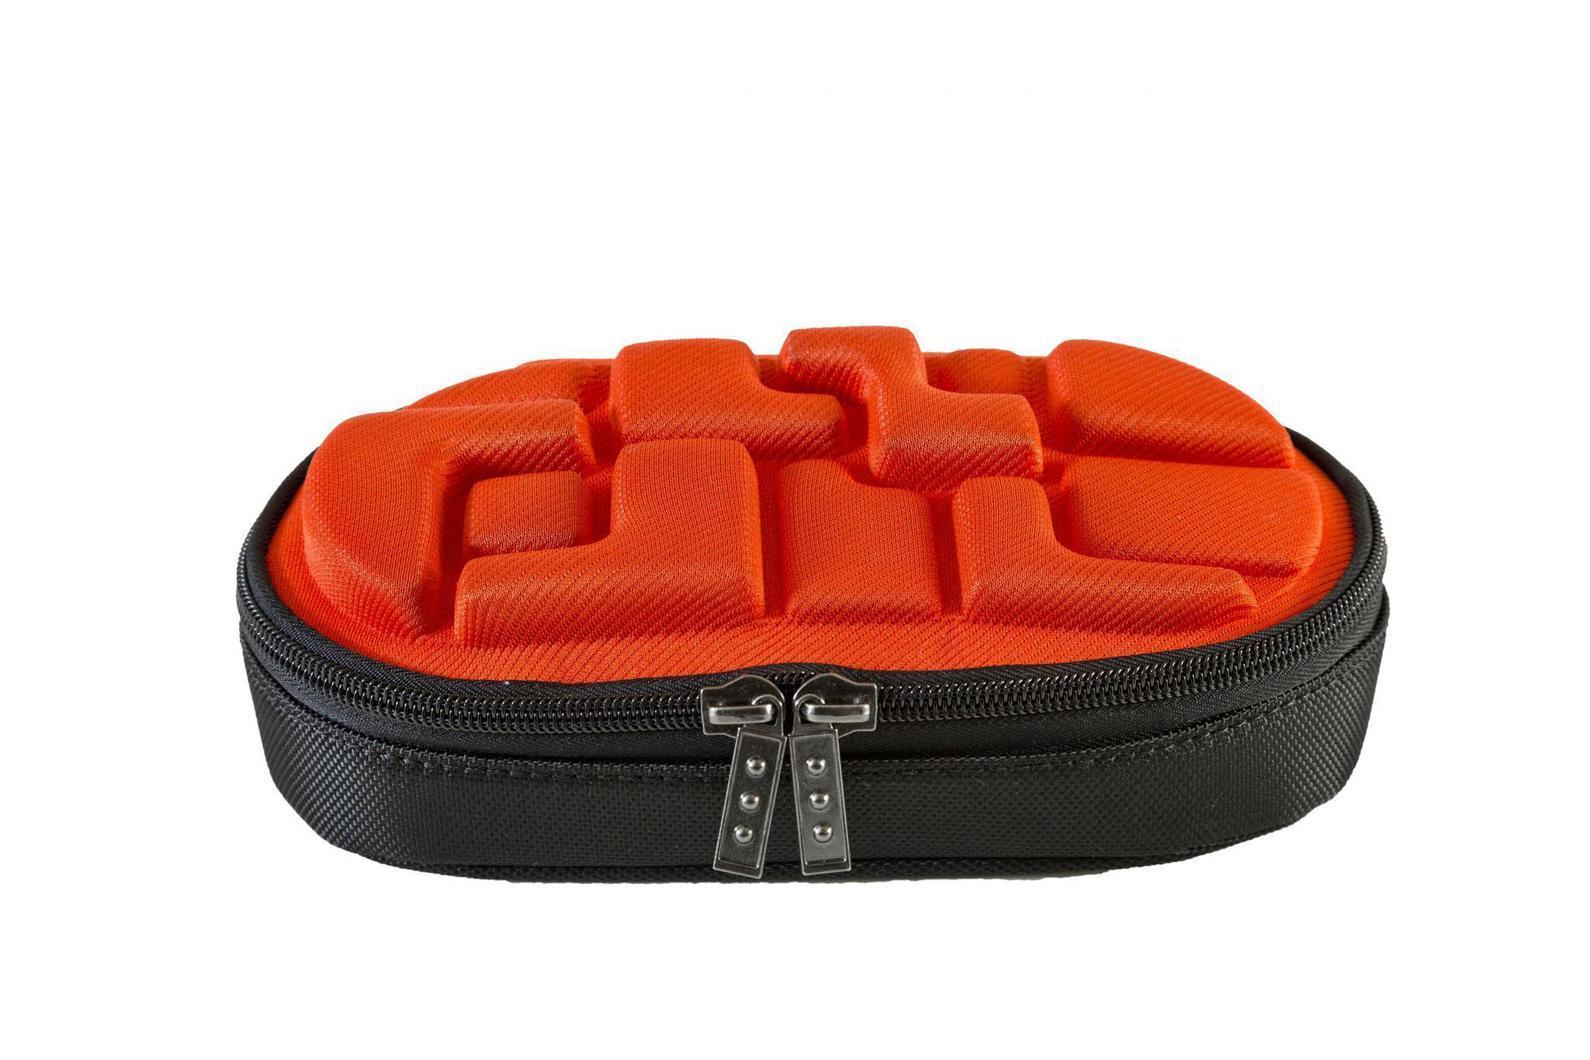 Пенал MadPax LedLox Pencil Case, цвет: оранжевыйKZ24484155Пенал школьный прямоугольный, на молнии, с одним отделением, без наполнения. Стильное оформление в виде кубических форм, прекрасно подходит к рюкзакам коллекции Blok. Необходимый и модный аксессуар для школьников, стремящихся быть оригинальными и неповторимыми.